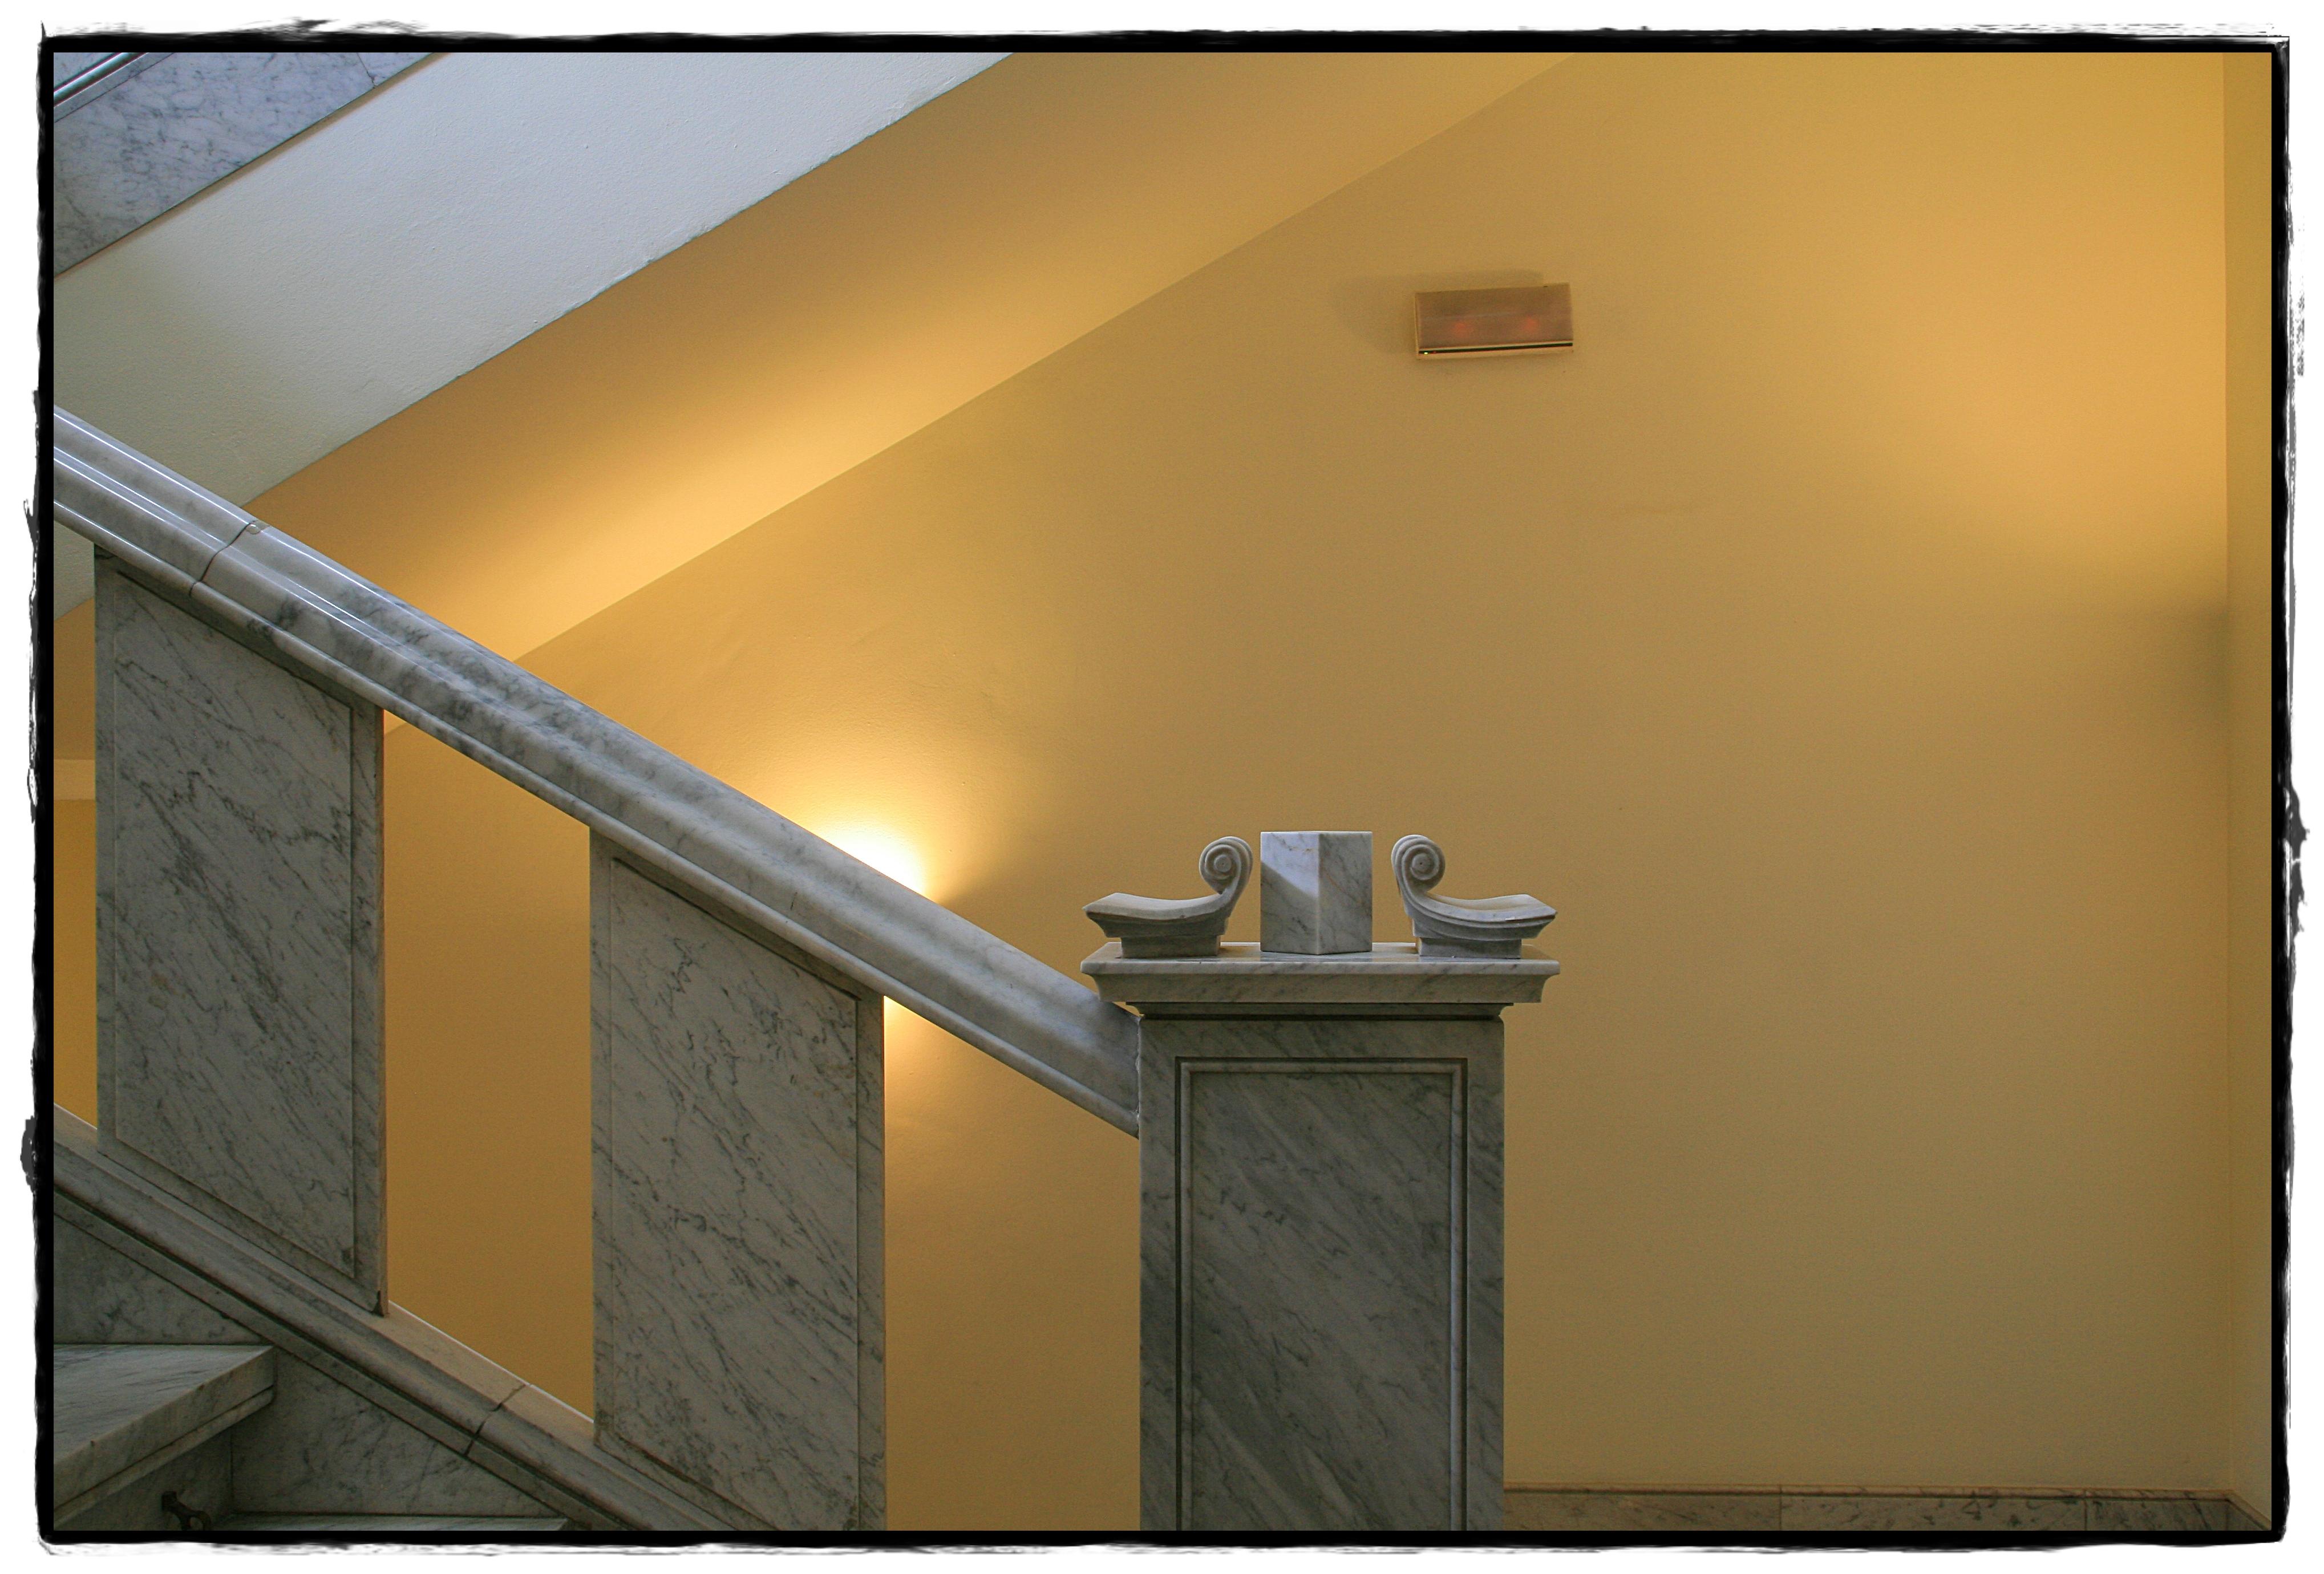 Fotos gratis : madera, piso, ventana, casa, pared, techo, fachada ...